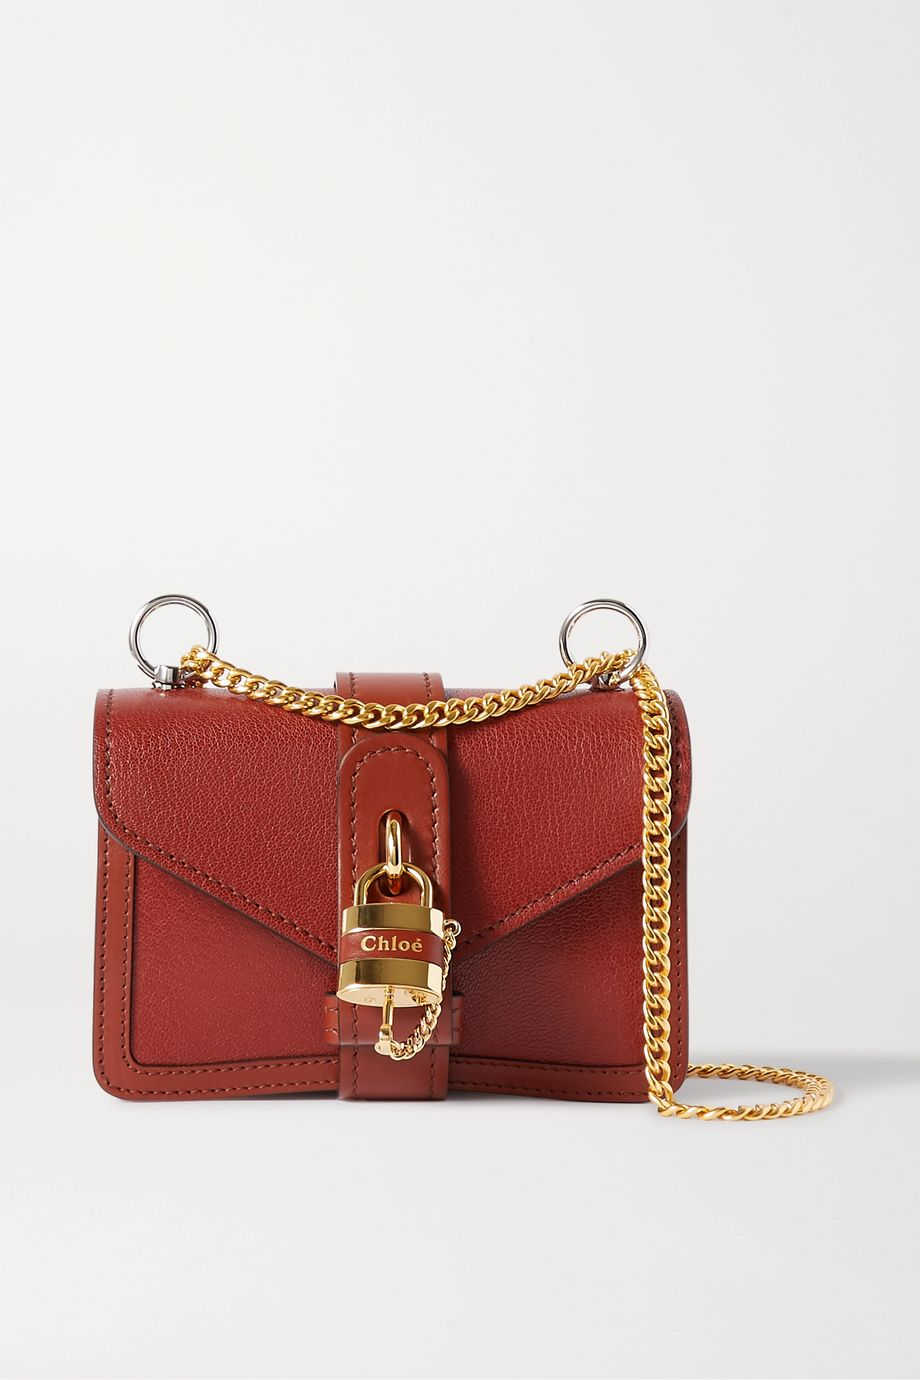 끌로에 애비 숄더백 미니 - 브라운 Chloe Aby Chain mini textured-leather shoulder bag,Brown